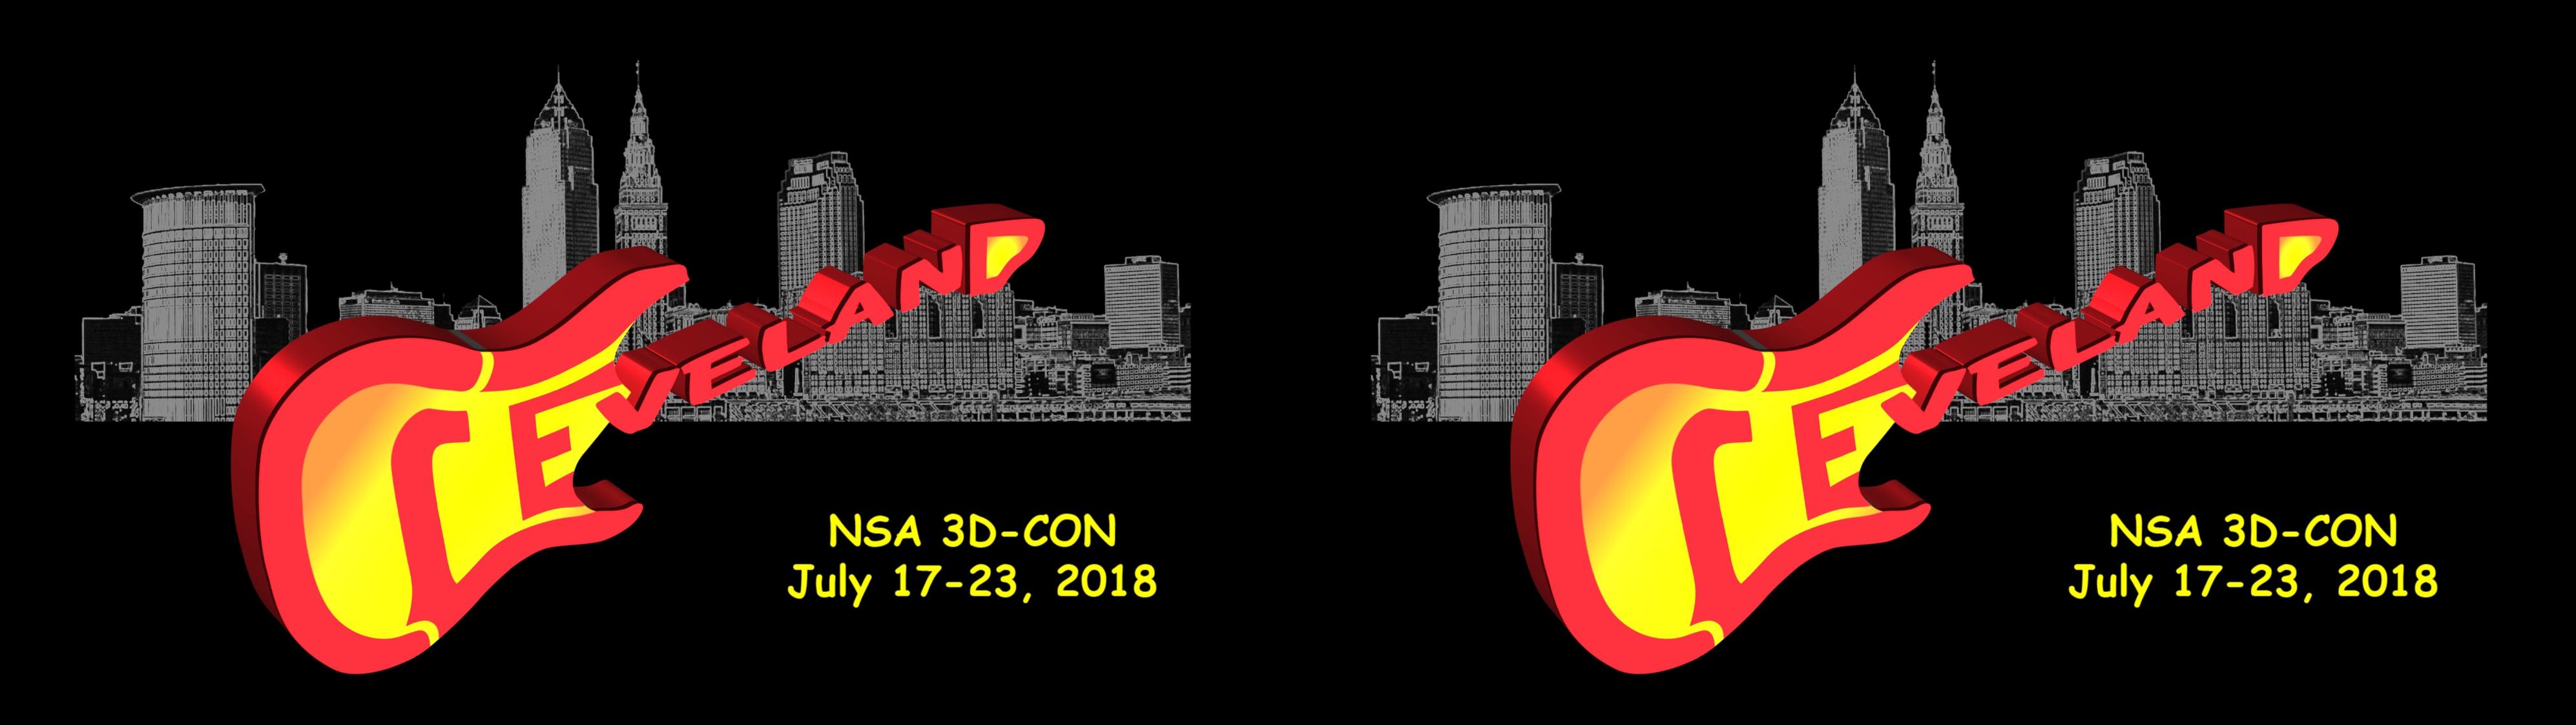 NSA 3D-CON 2018 logo